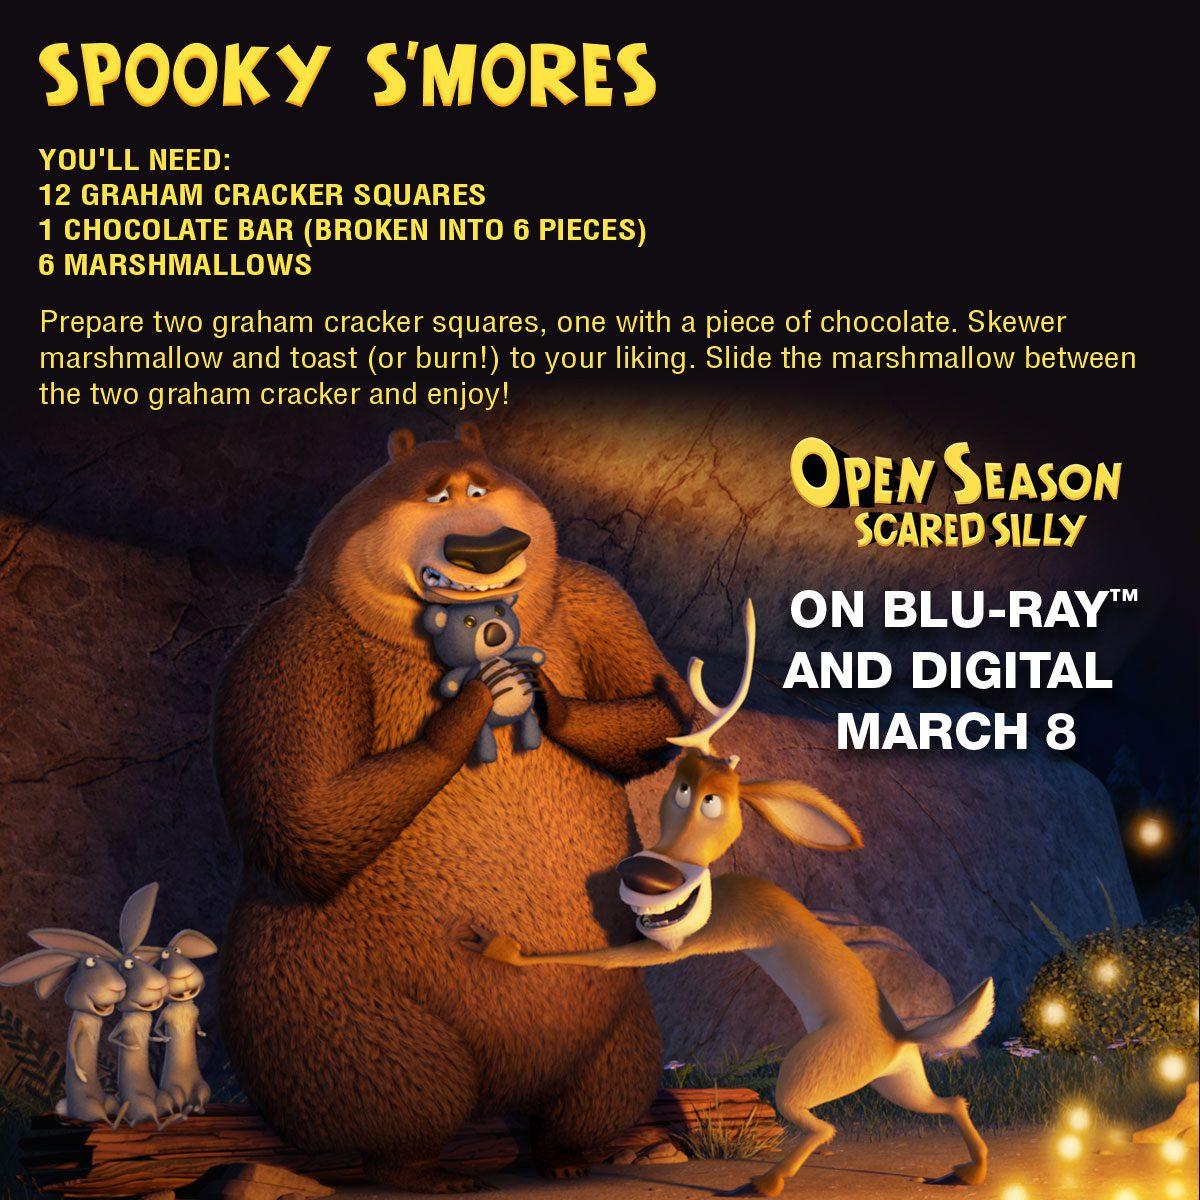 Open Season Scared Silly Spooky Smores